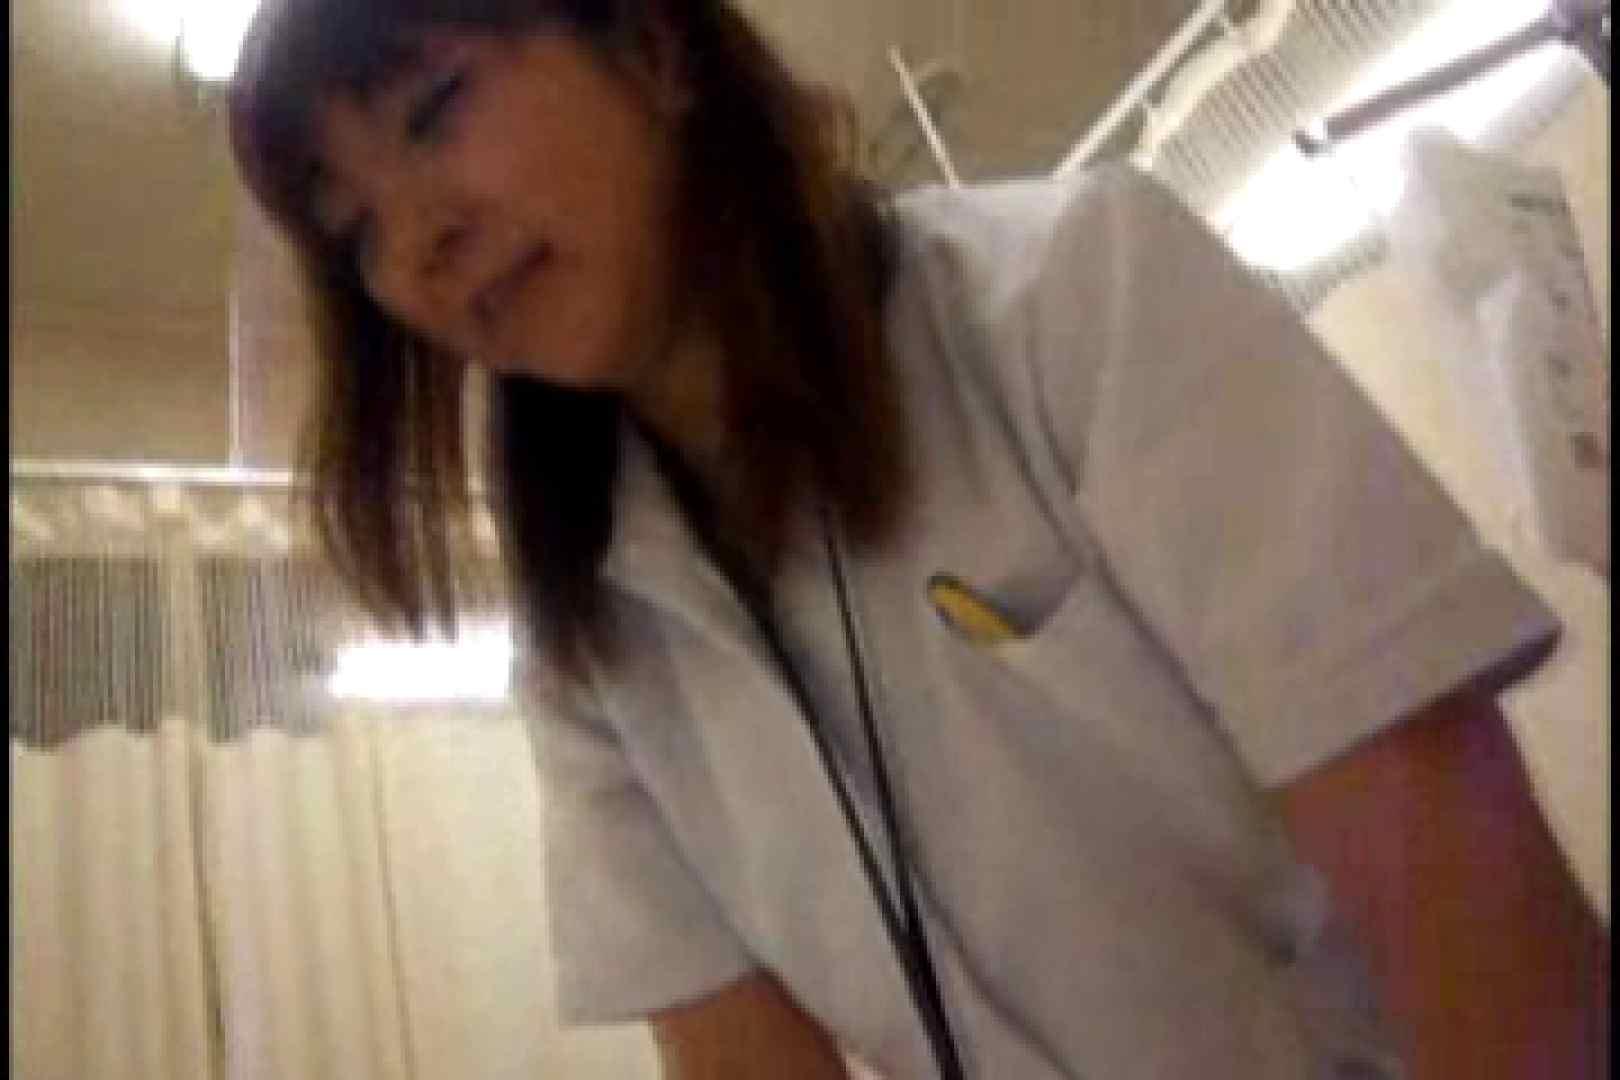 ヤリマンと呼ばれた看護士さんvol1 OLのエッチ  112pic 45